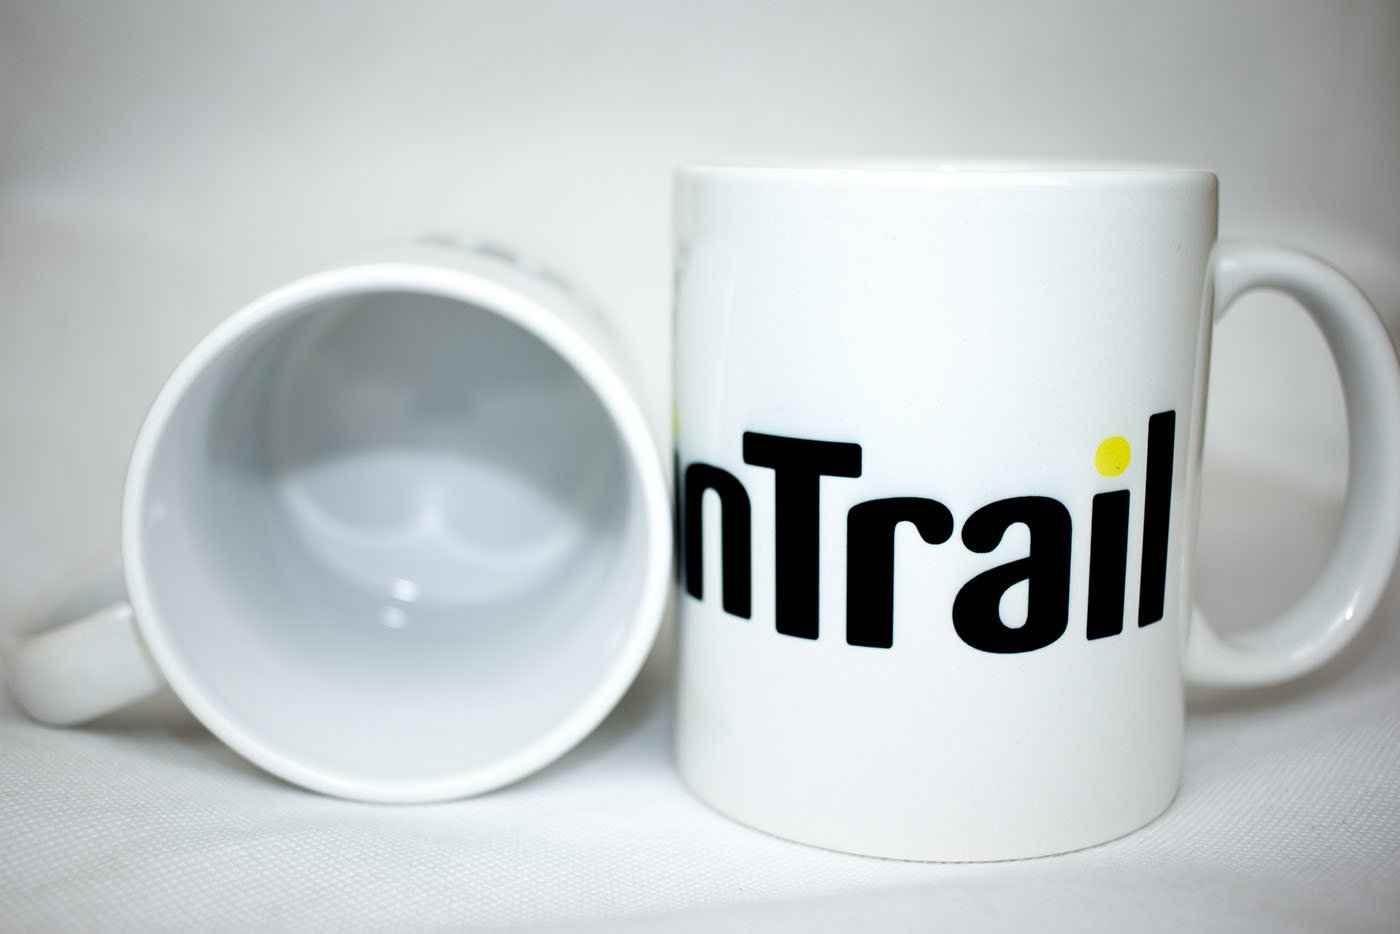 TwinTrail